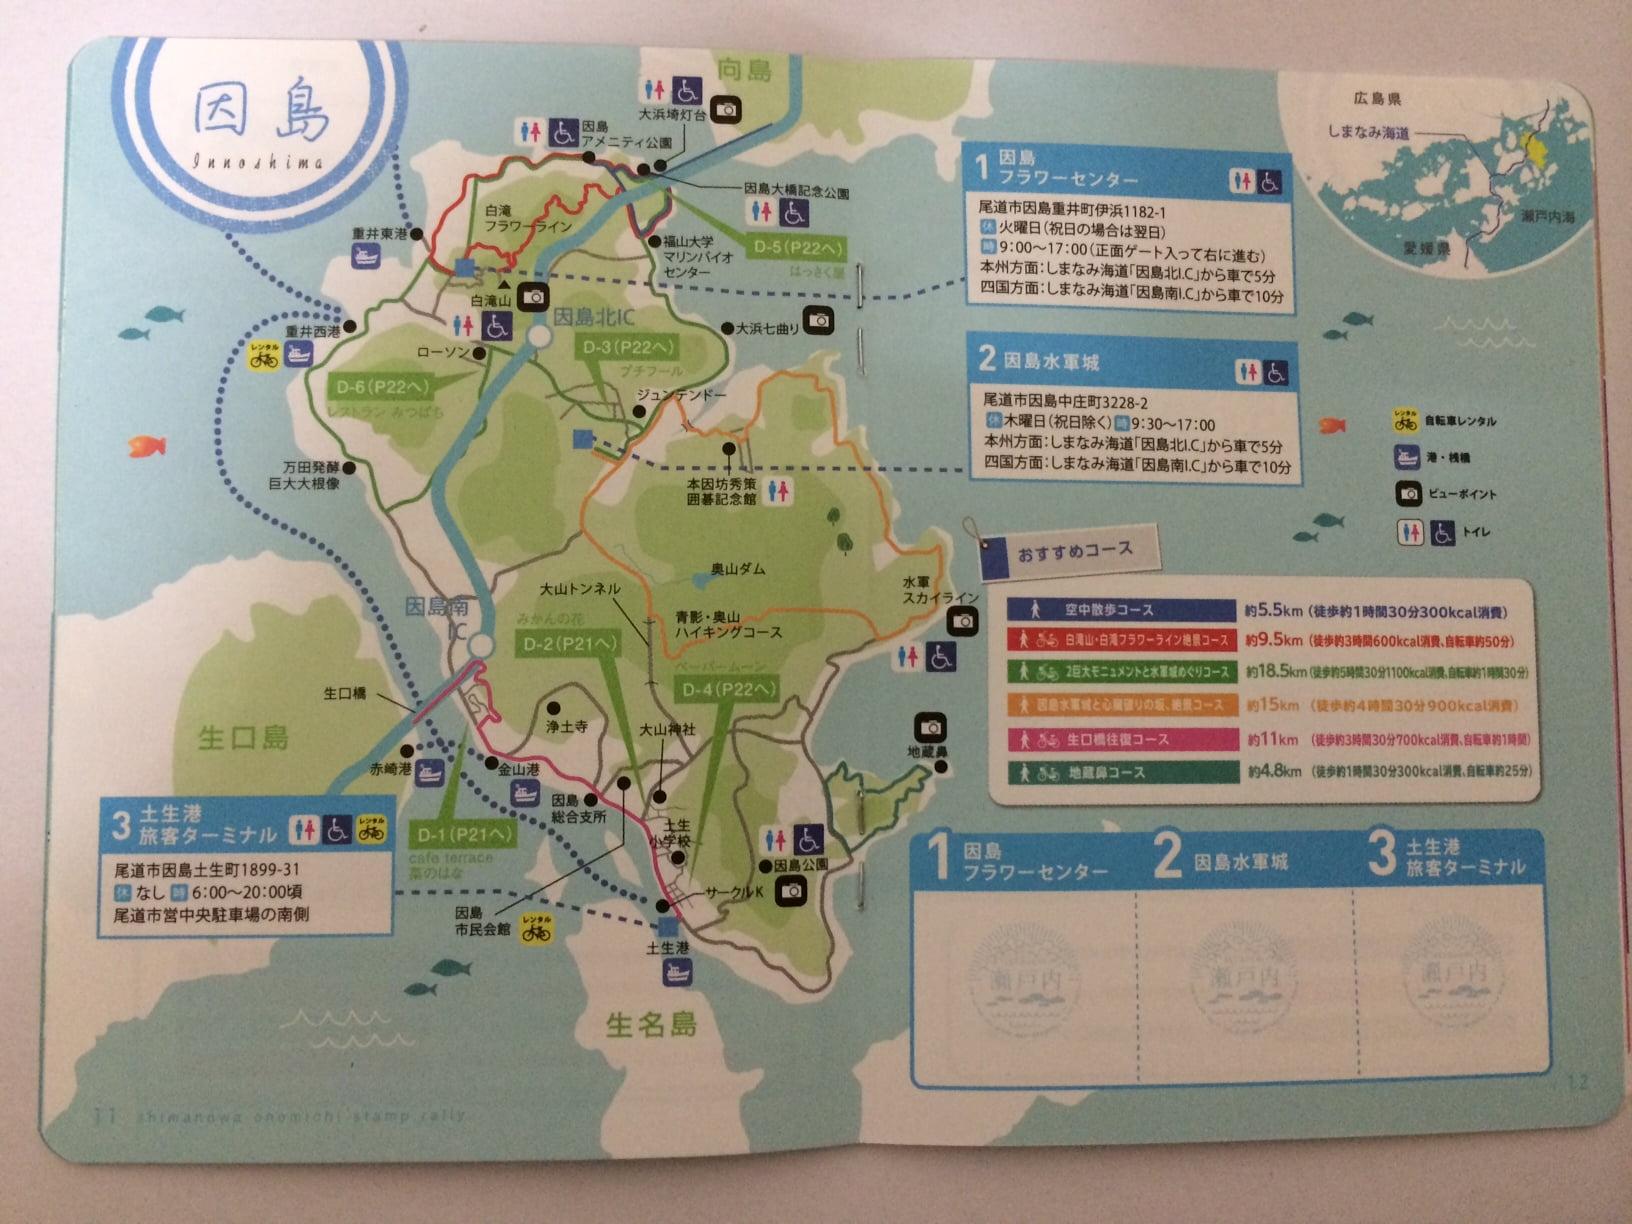 瀨戶內島散策